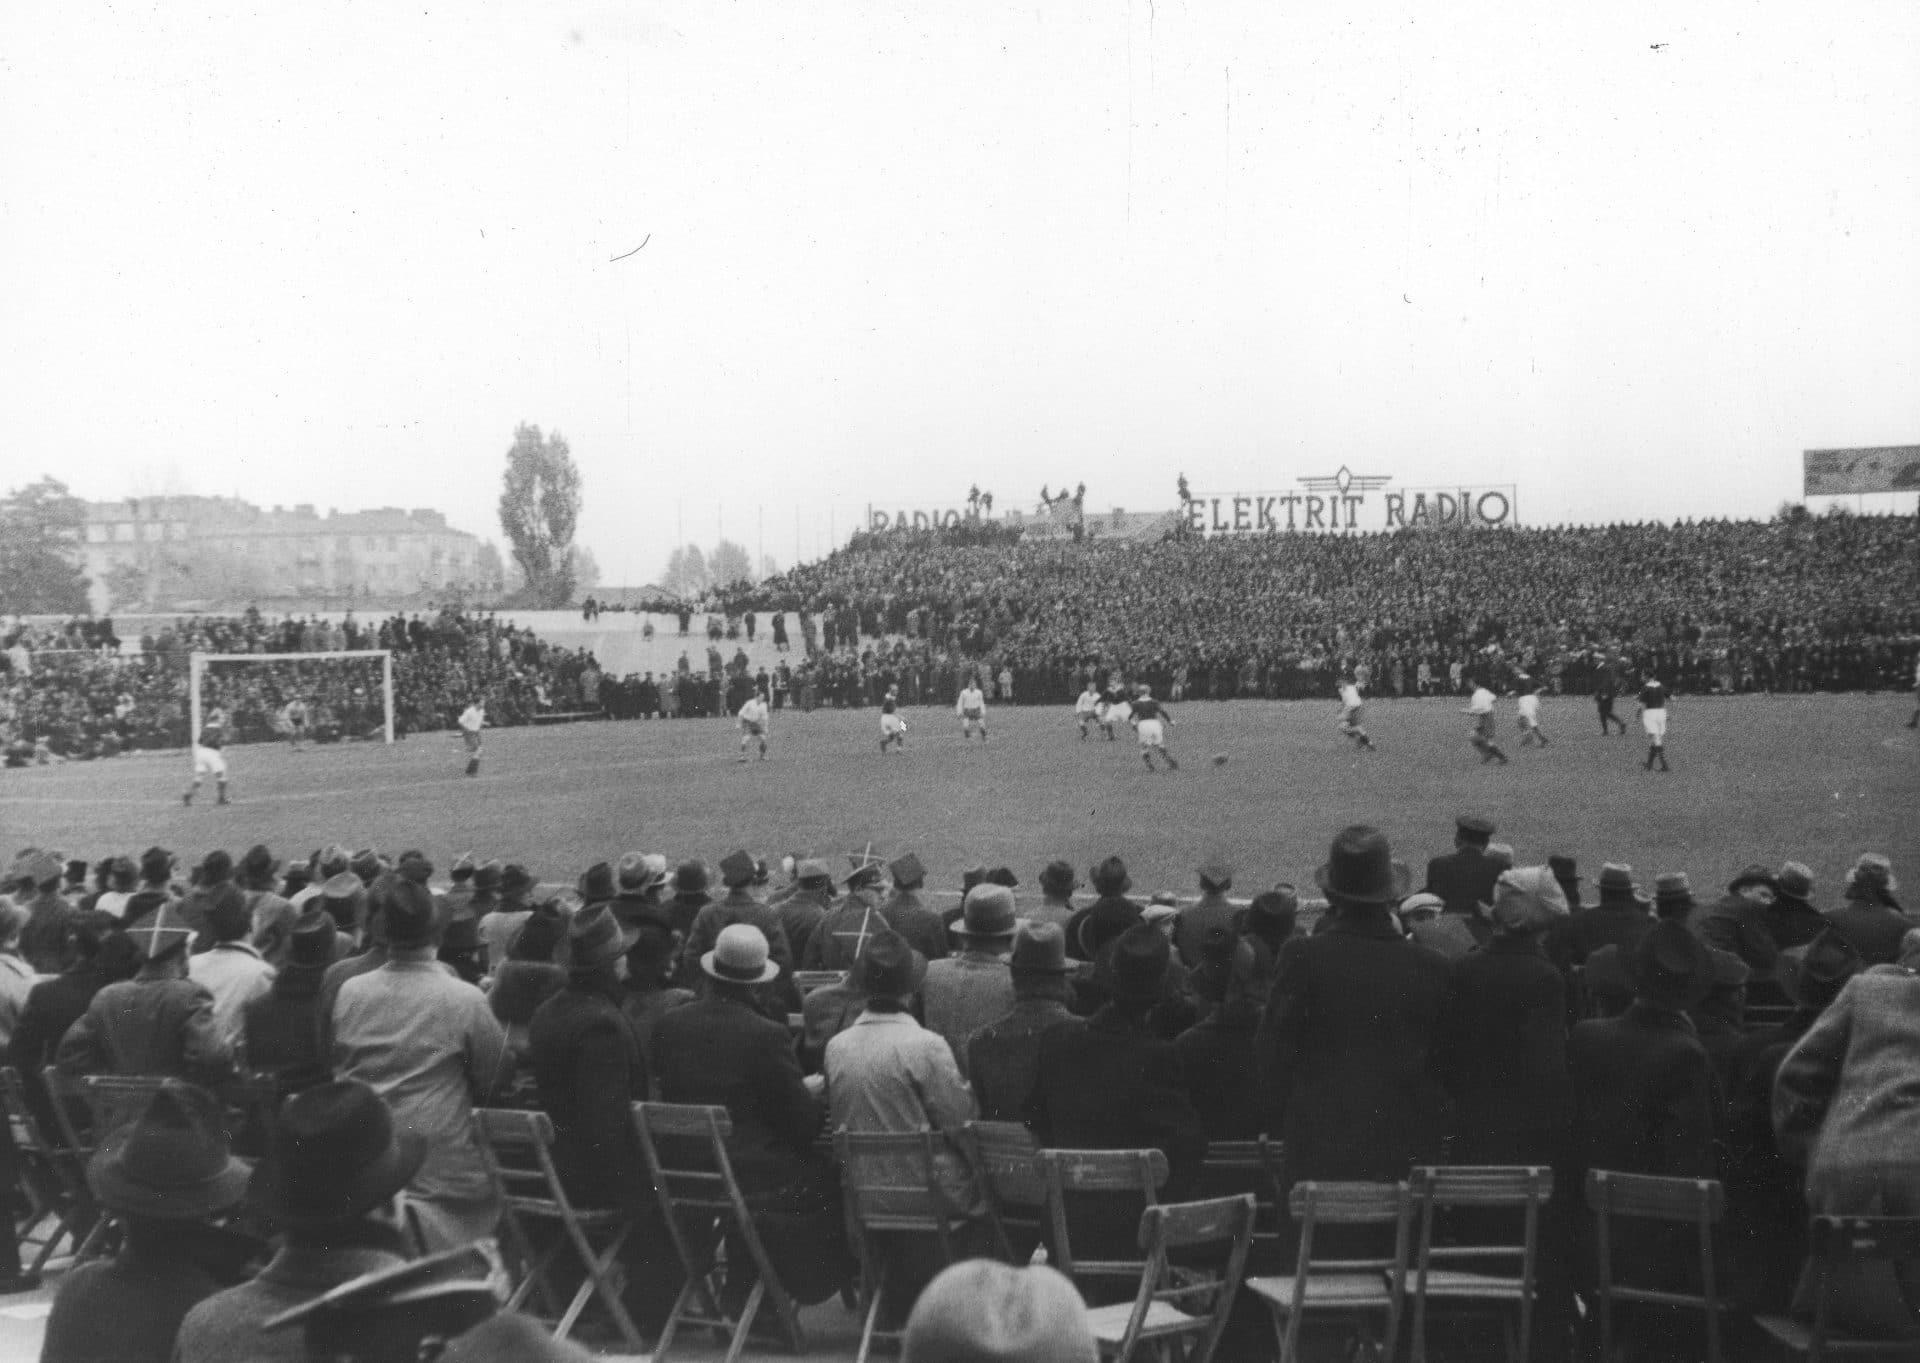 Mecz Polska - Norwegia. 1938 rok. Źródło: Narodowe Archiwum Cyfrowe.